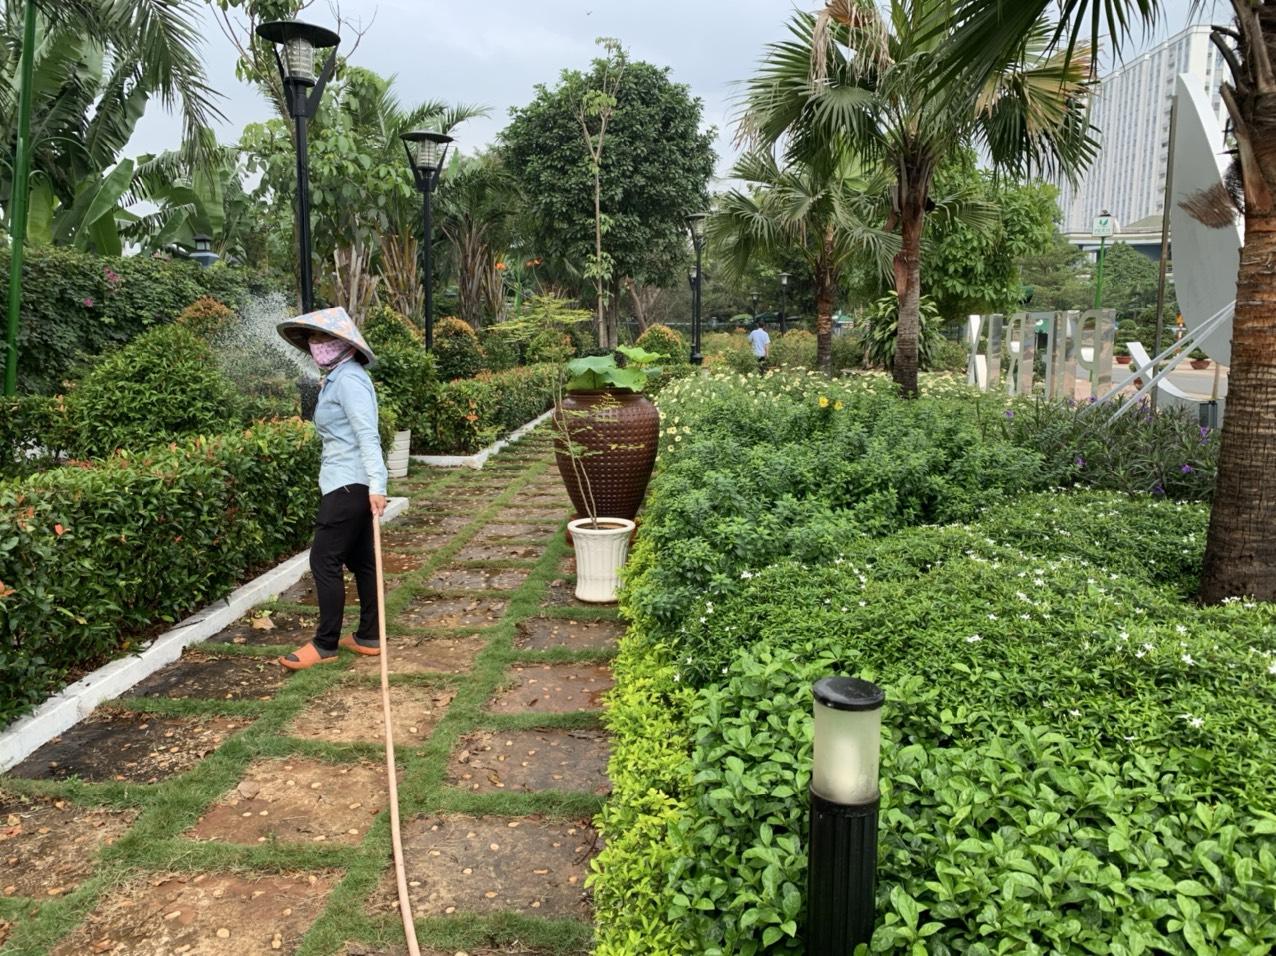 Thực hiện dịch vụ chăm sóc cây xanh tại Long An từ Ngoại Thất Xanh